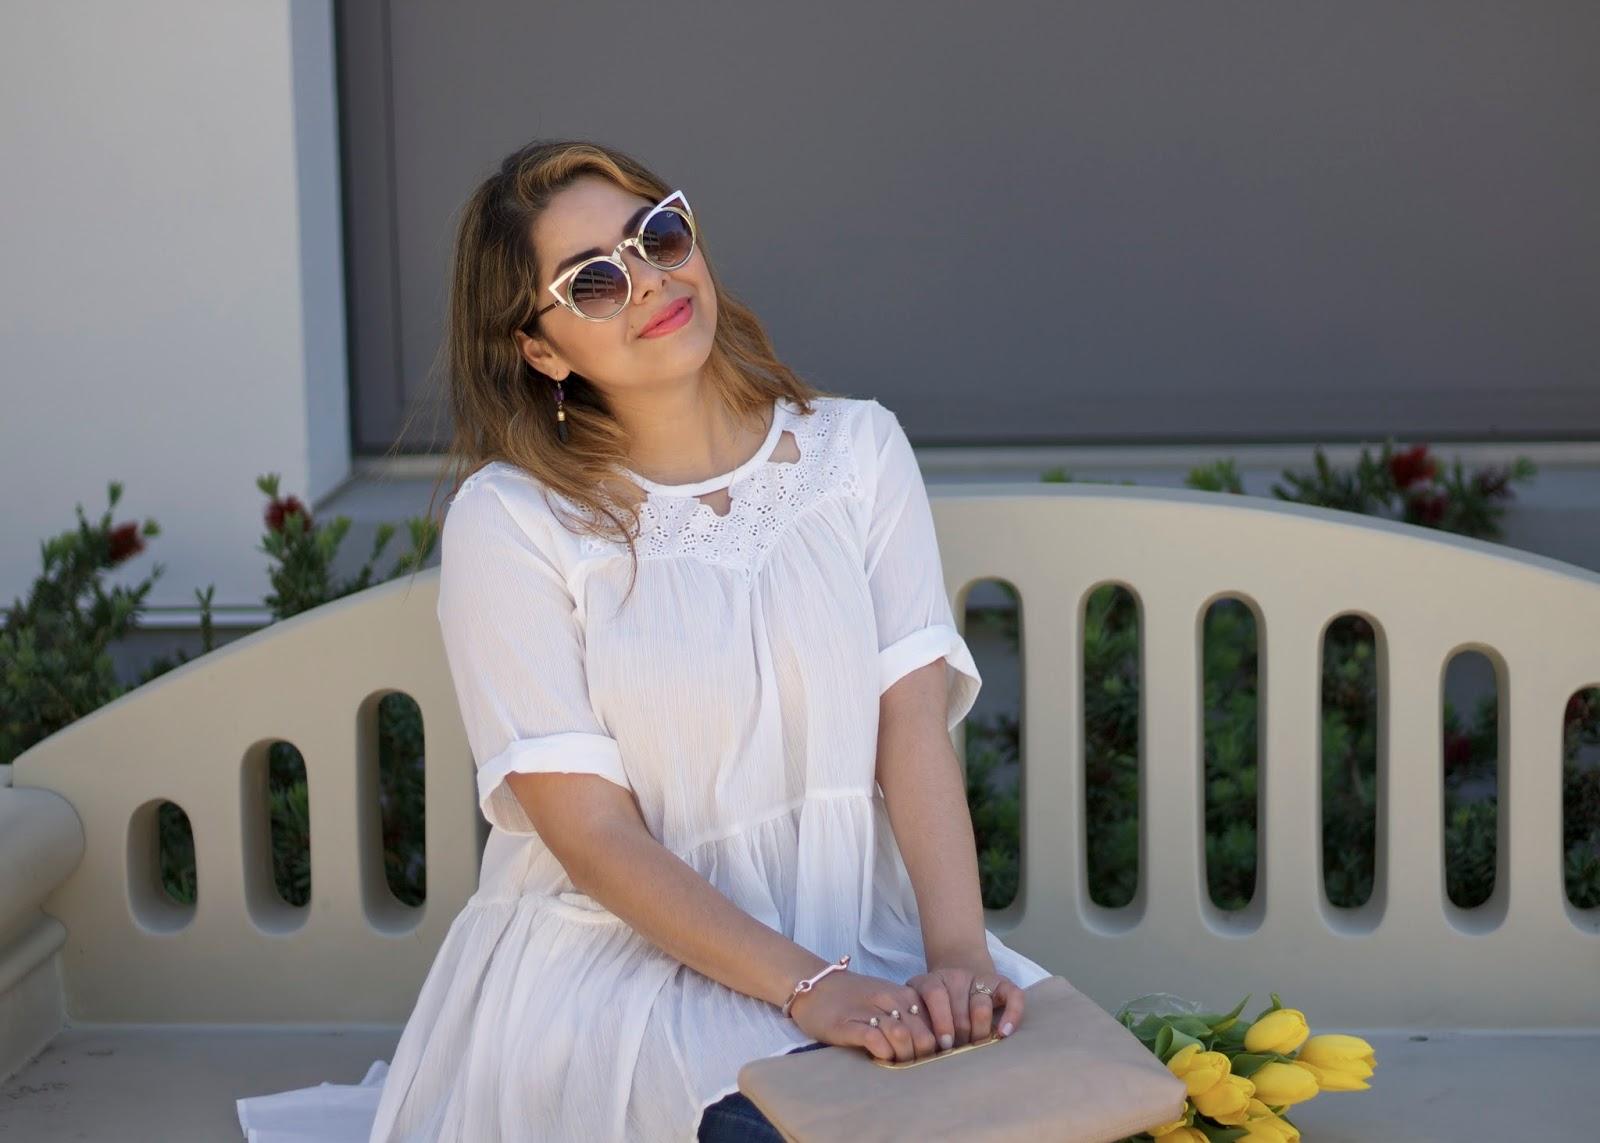 Spring 2016 outfit idea, quay invader sunglasses, quay australia sunnies, quay blogger